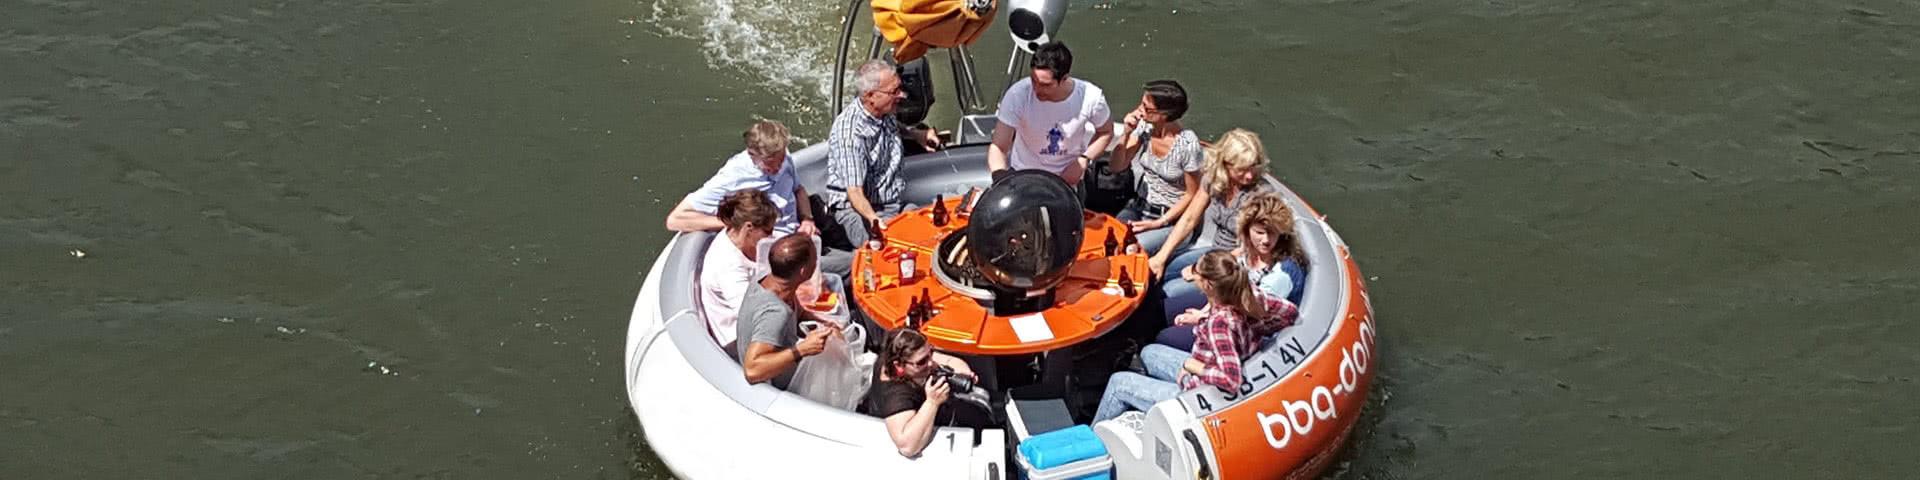 Gruppe auf einem BBQ-Donut auf dem Zülpicher See